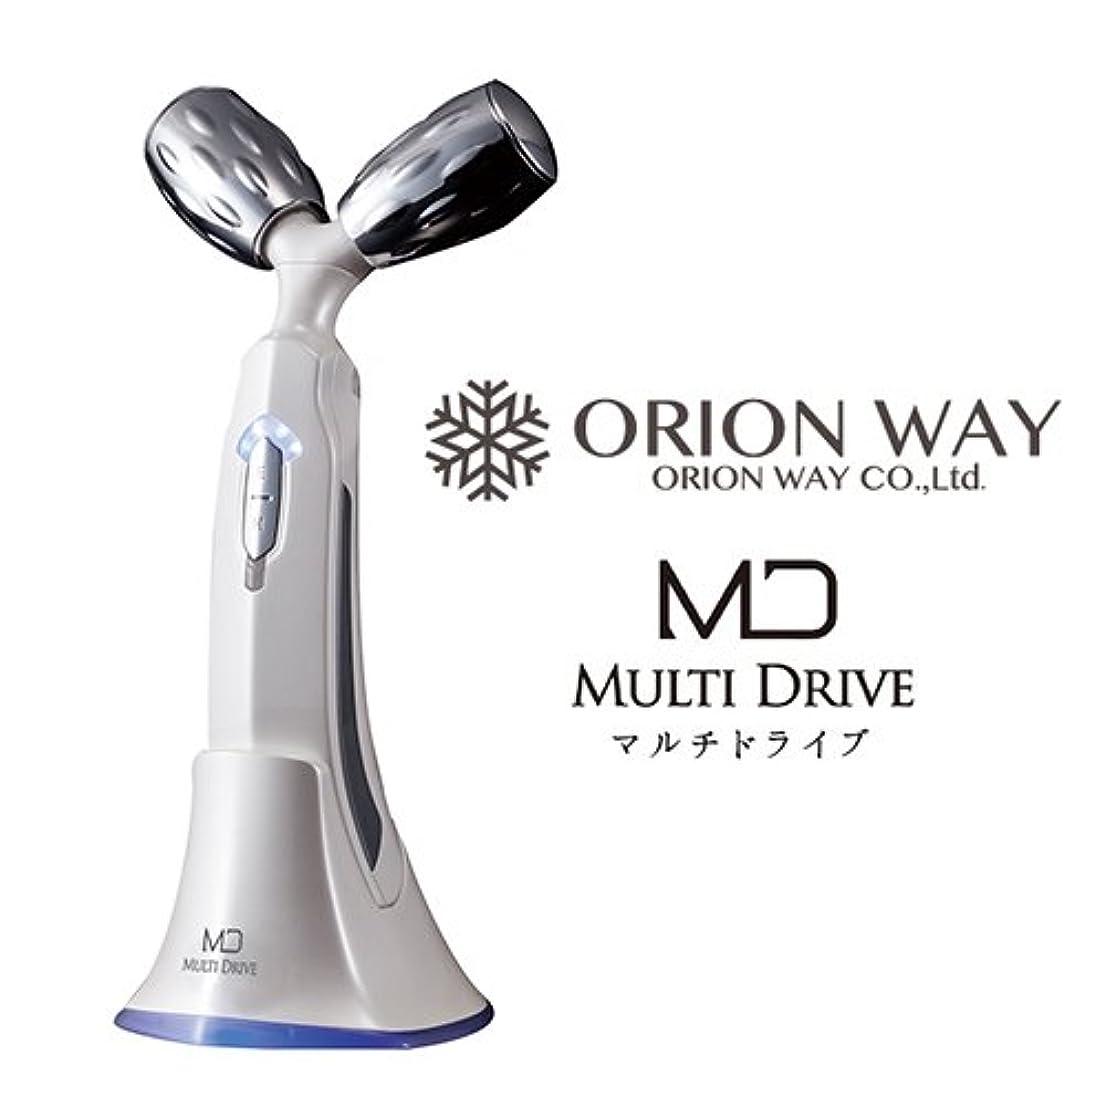 ラップ写真を描く勝者美容機器 MULTI DRIVE (マルチドライブ)